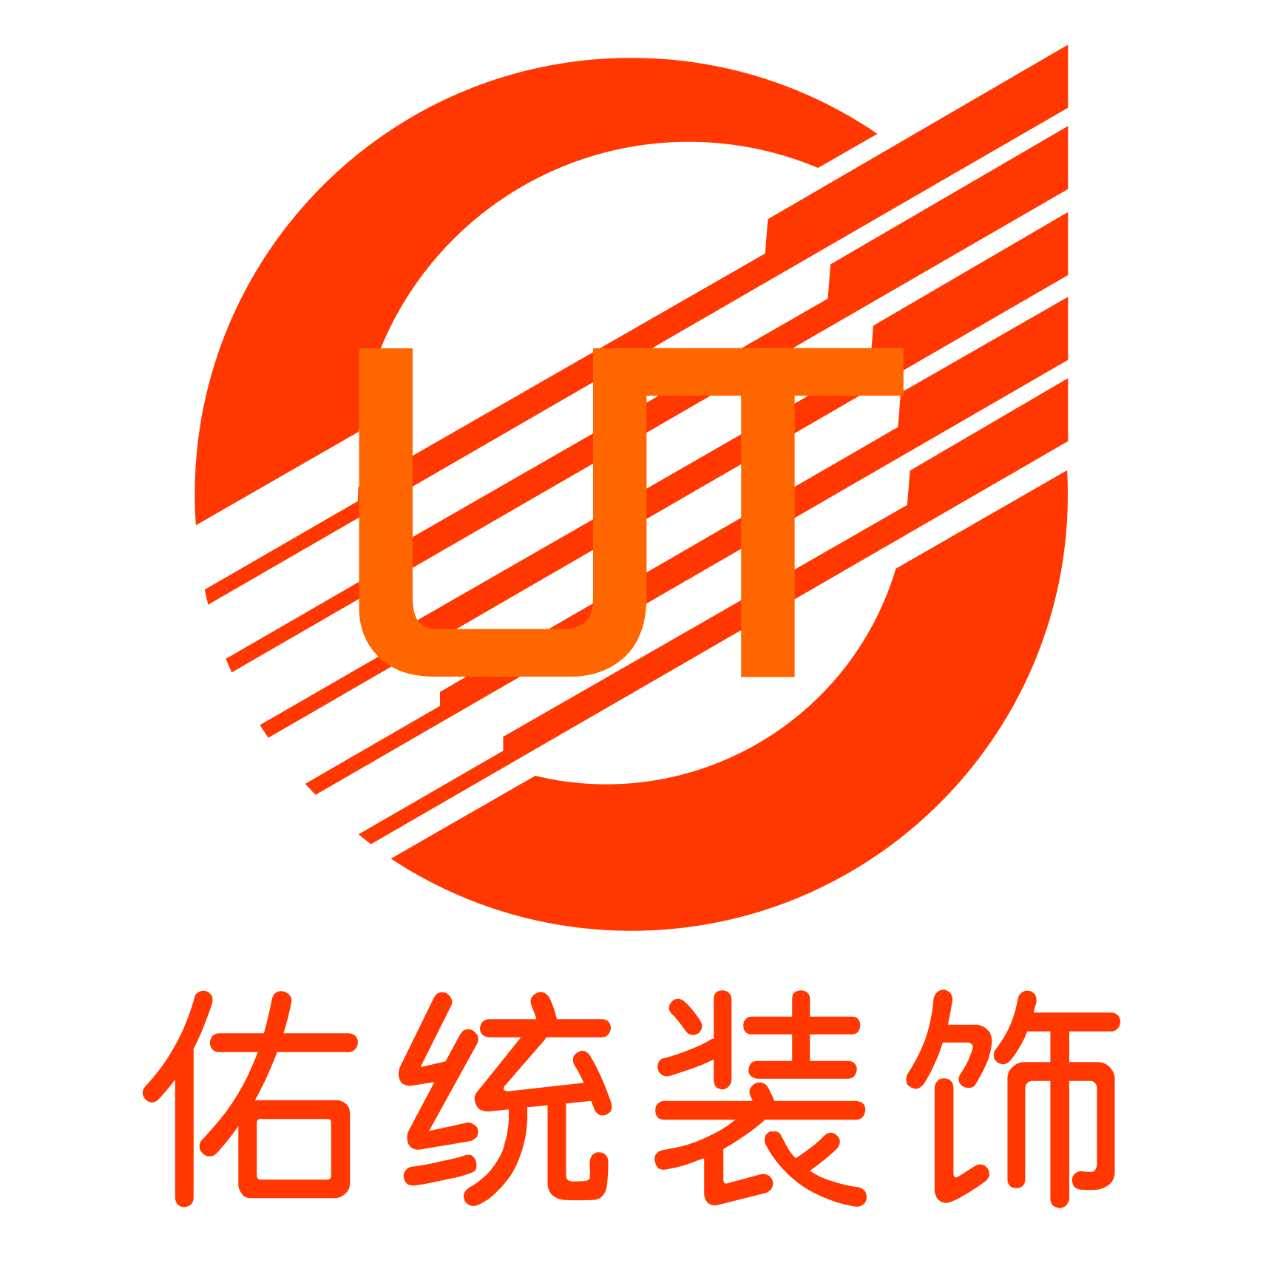 上海佑统装饰招聘信息